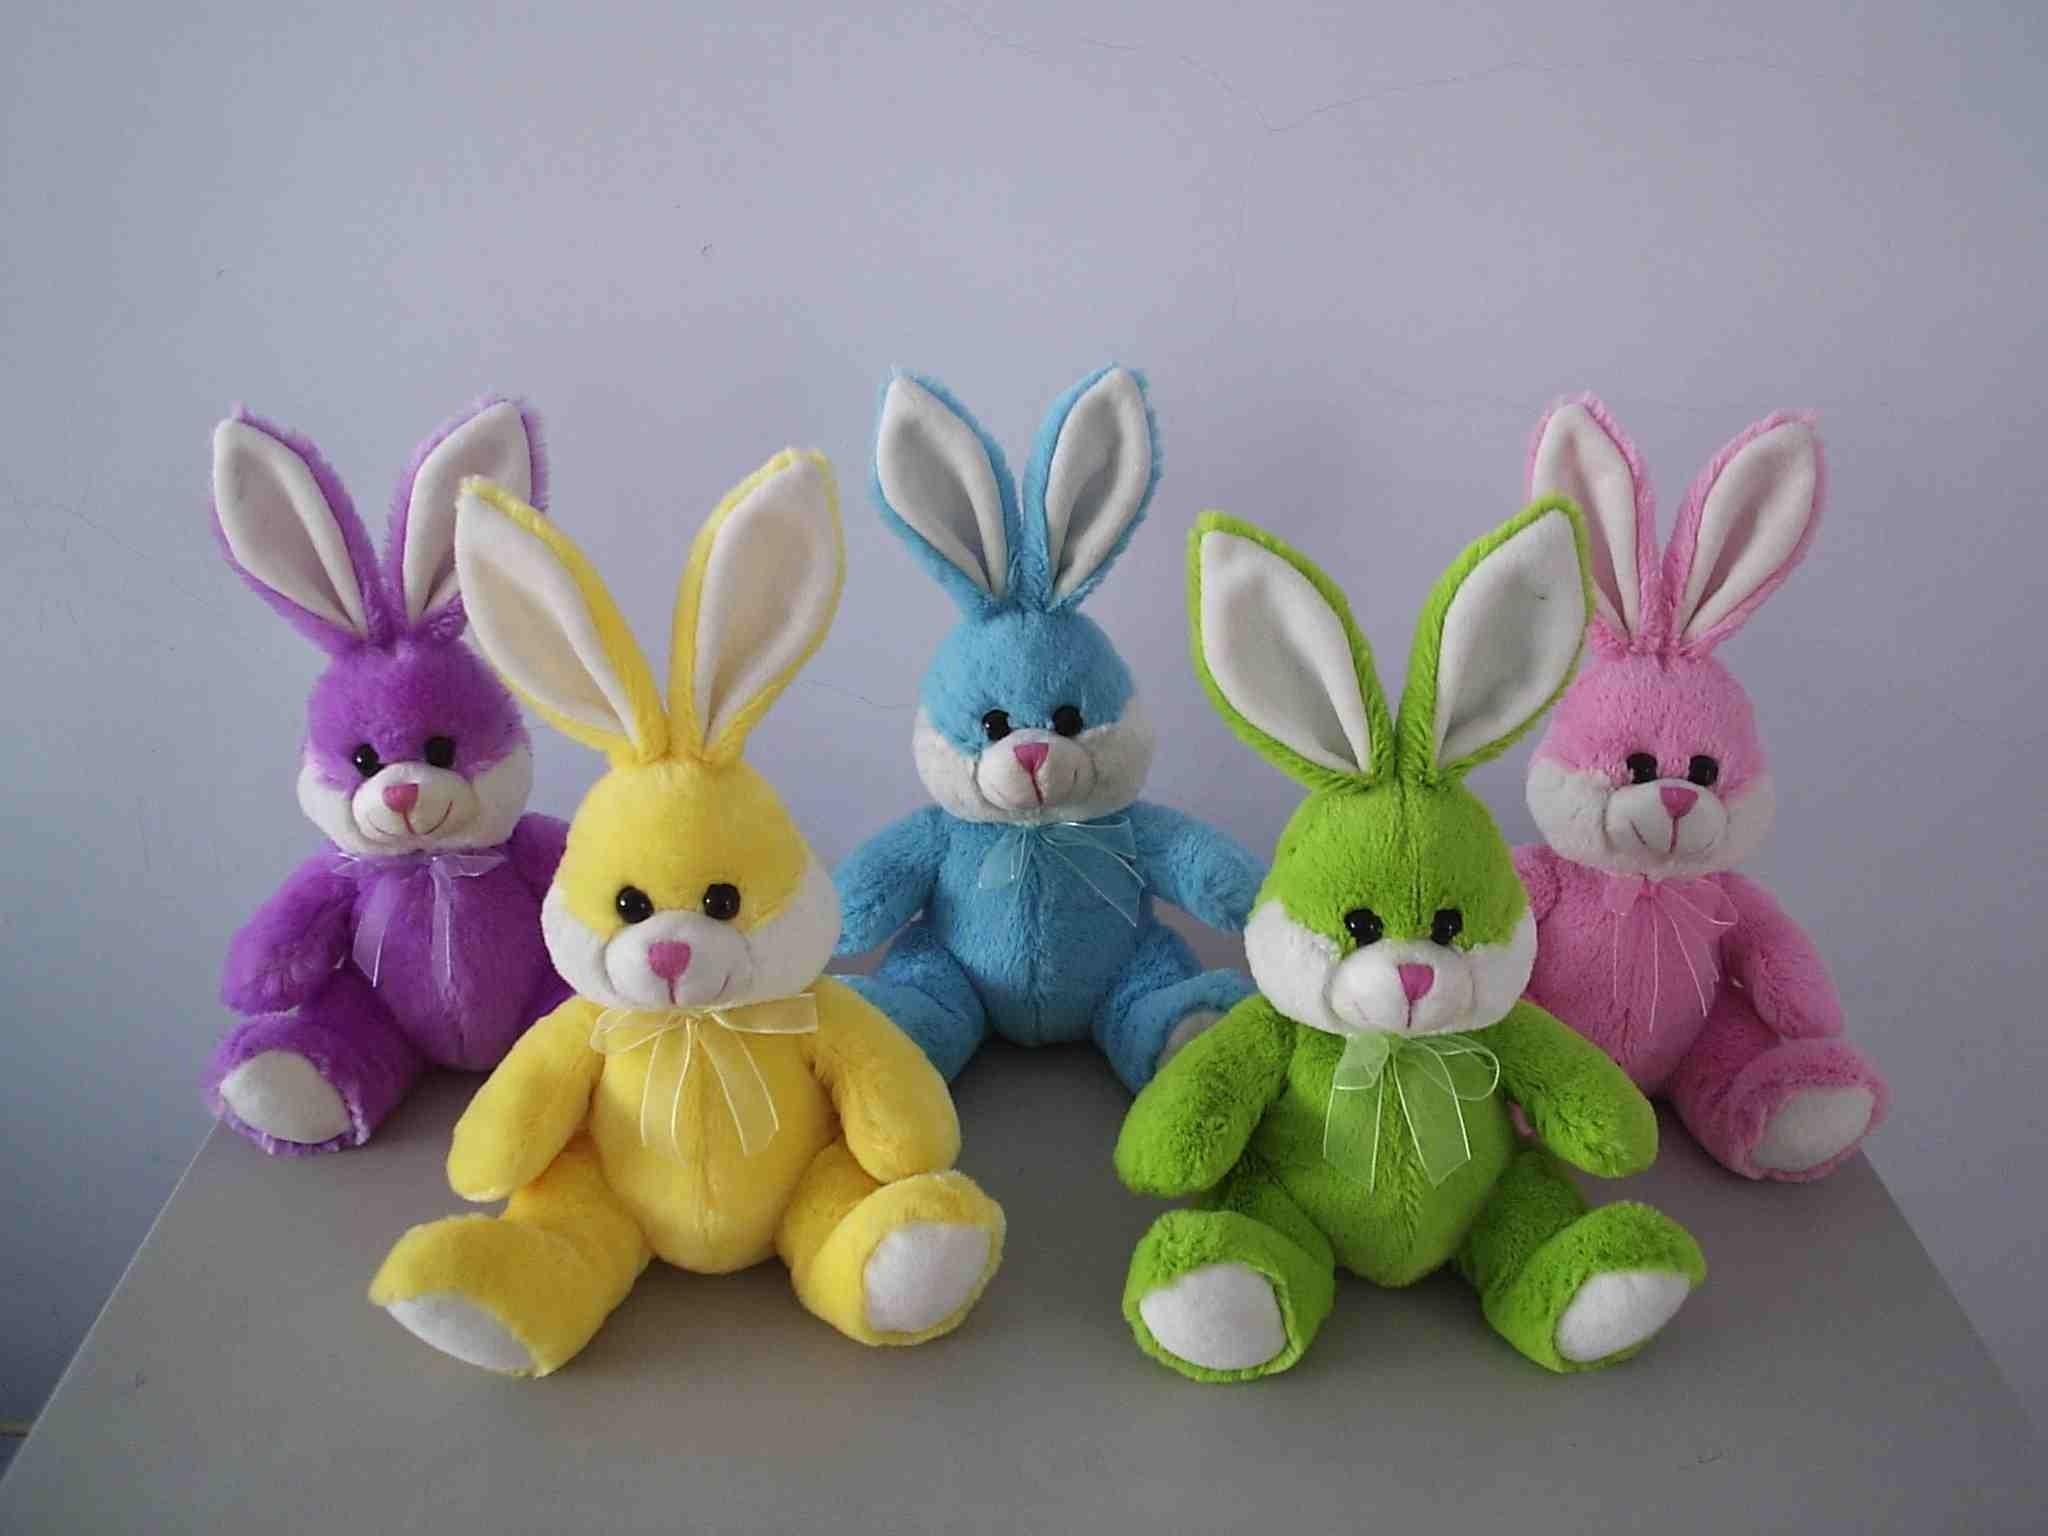 Easter Bunnies | Easter, bunny, wallpapers, wallpaper – 817280 | BUNNY SO  CUTE | Pinterest | Bakgrunder, PÃ¥sk och Kaniner